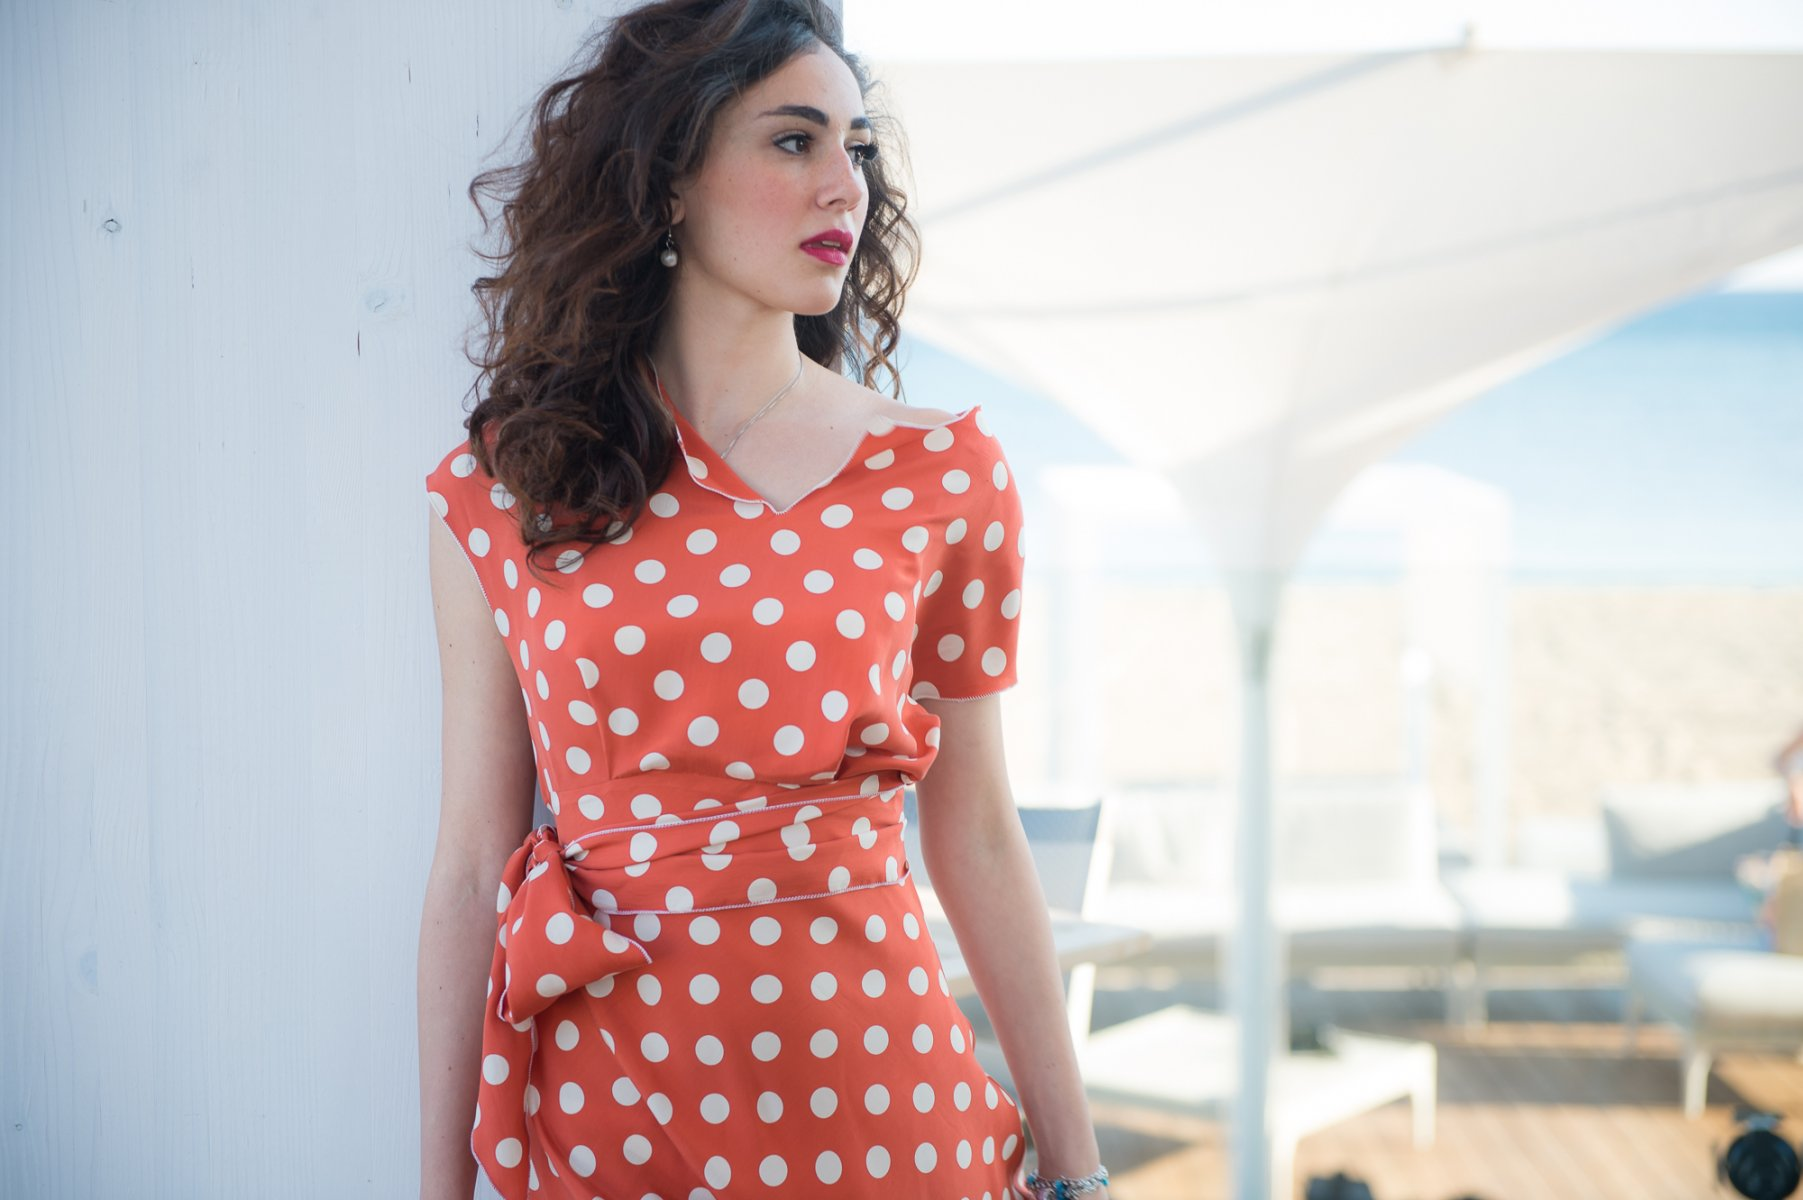 210c-Pretty_Woman_MMD9543 Fashion/Adv